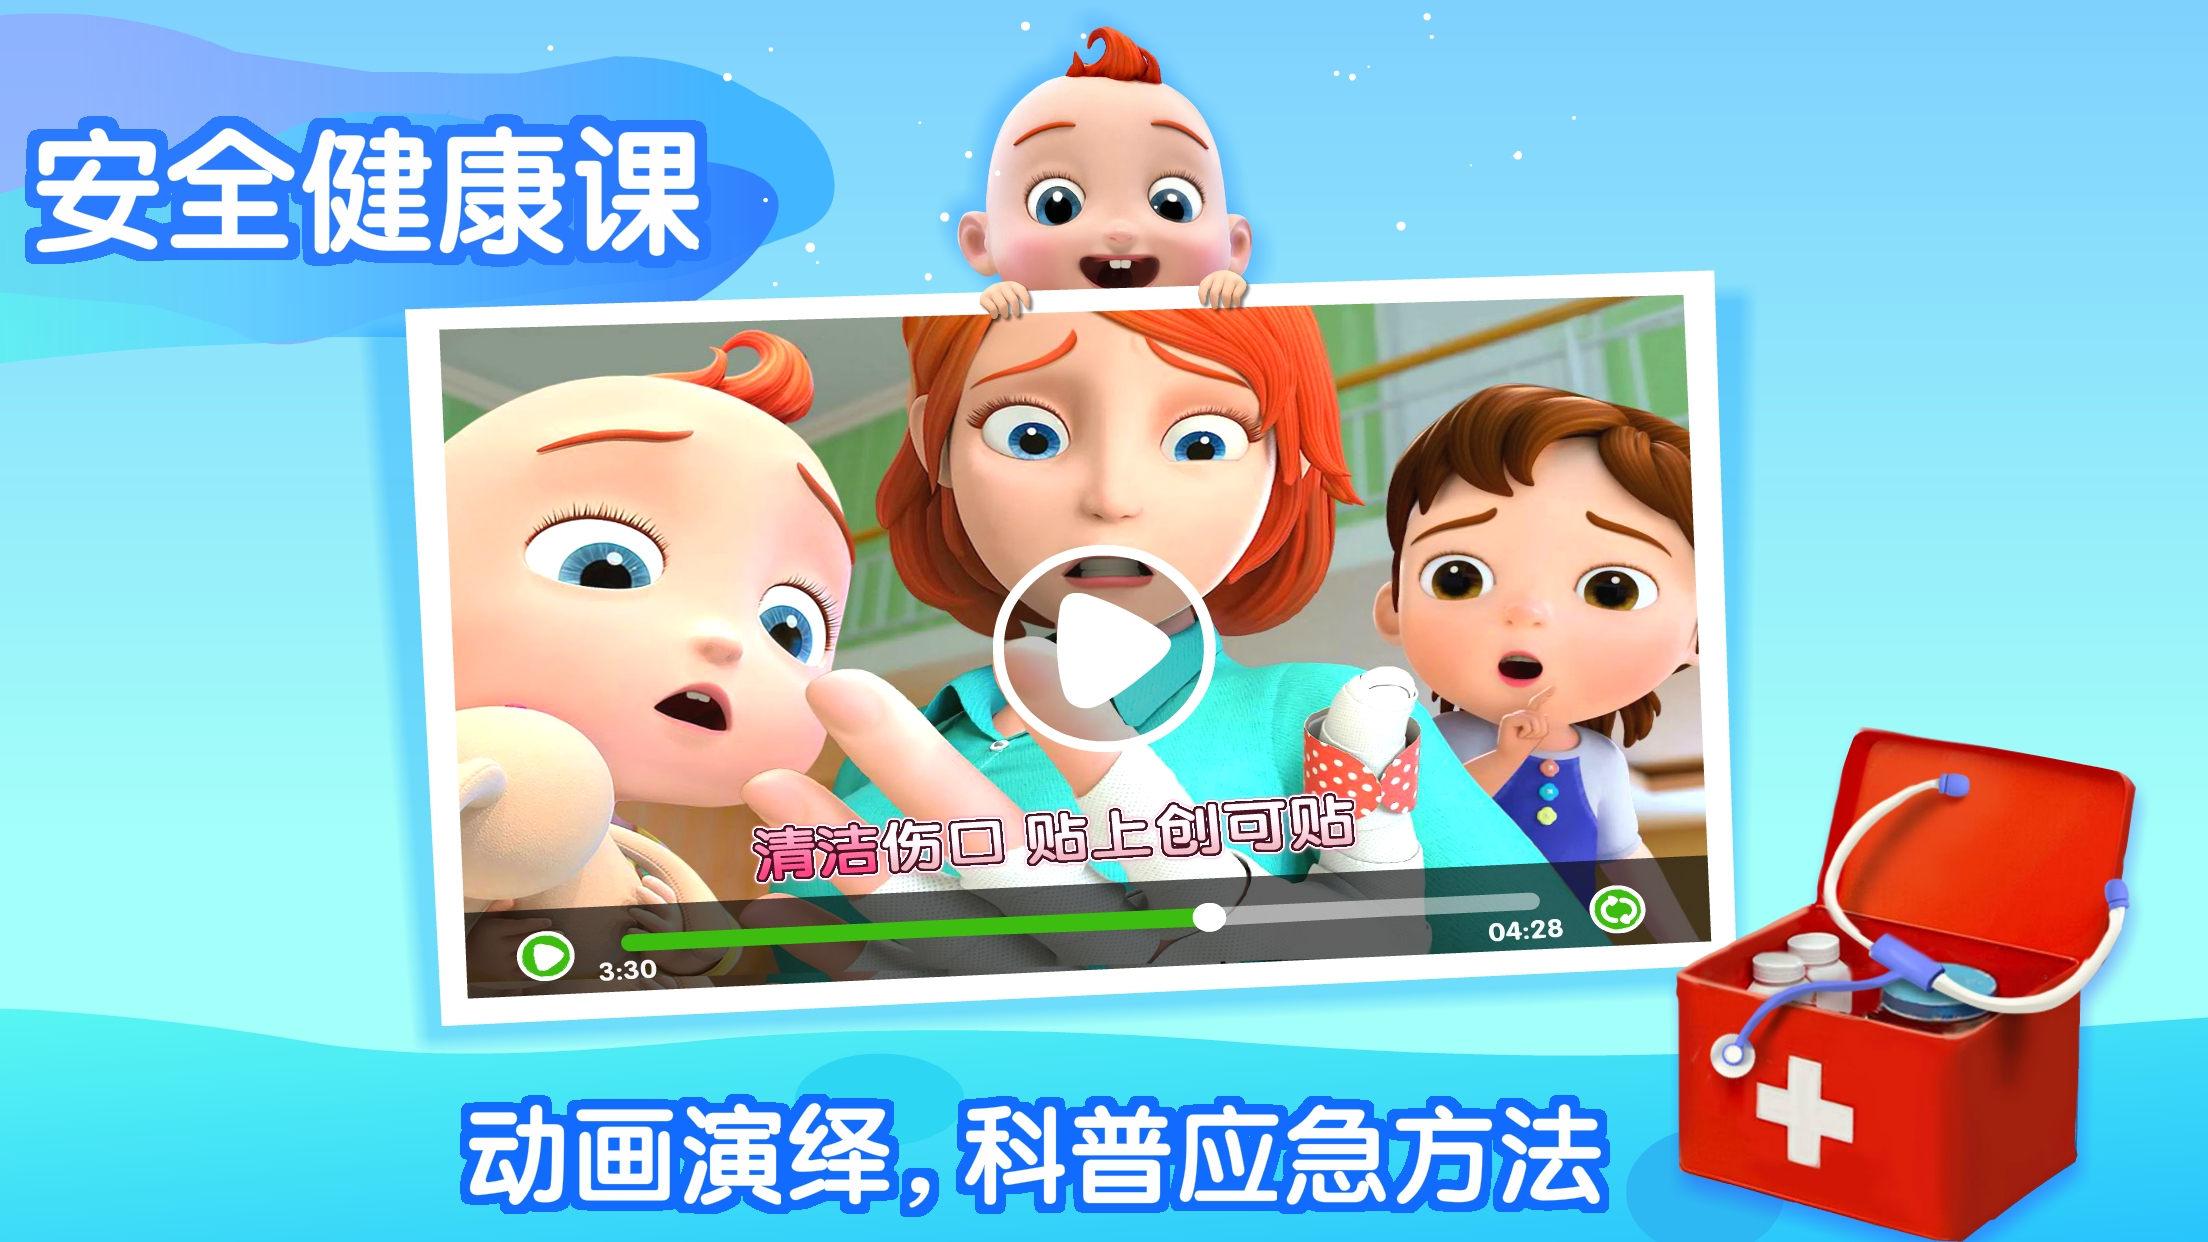 宝宝巴士hd内购破解版 V1.8.2 安卓电视版截图3